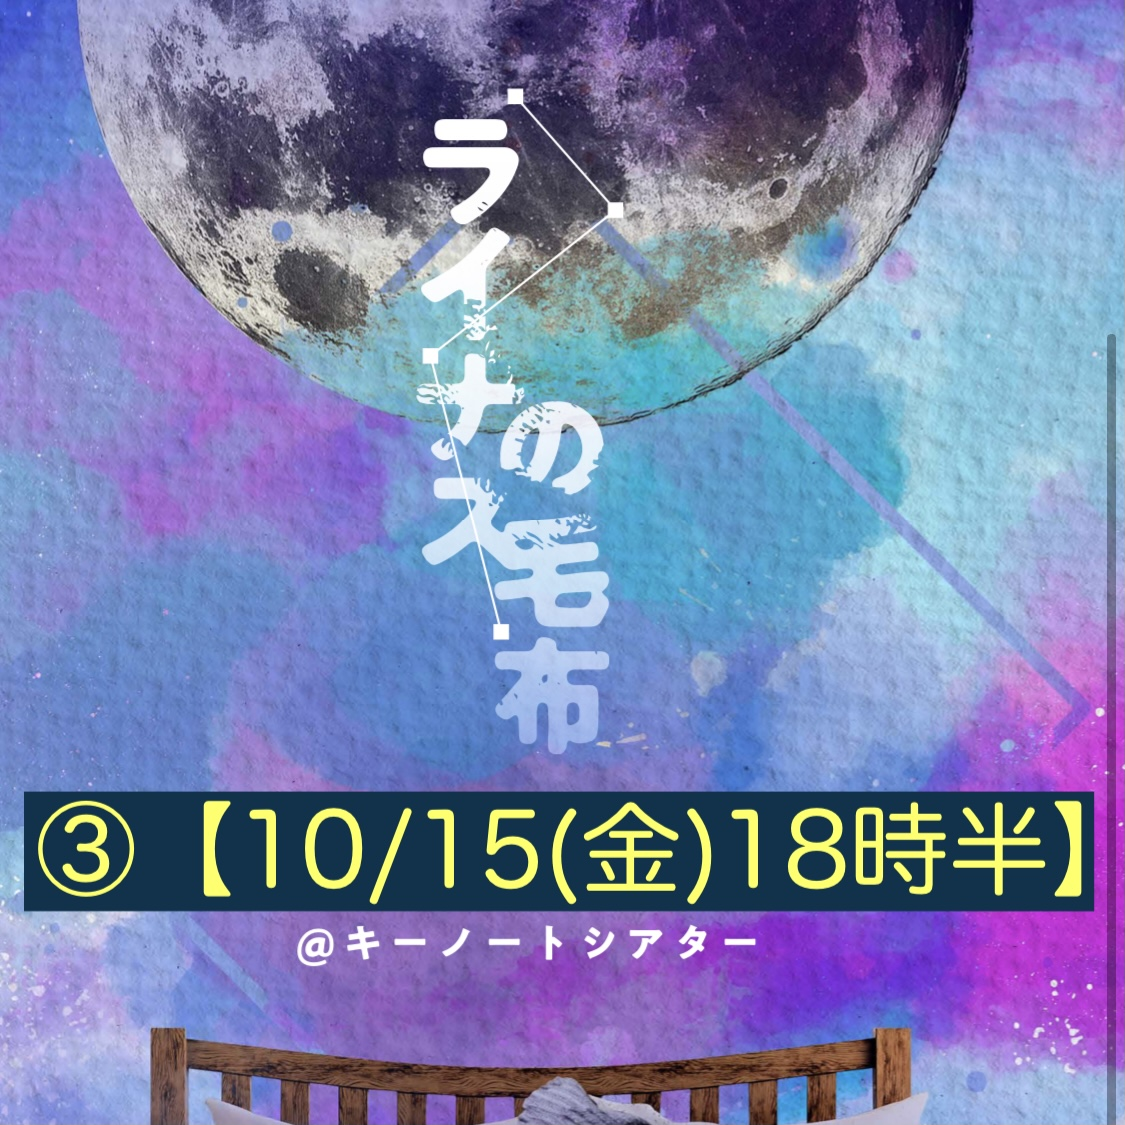 _03【10/15(金)18時半】『ライナスの毛布』